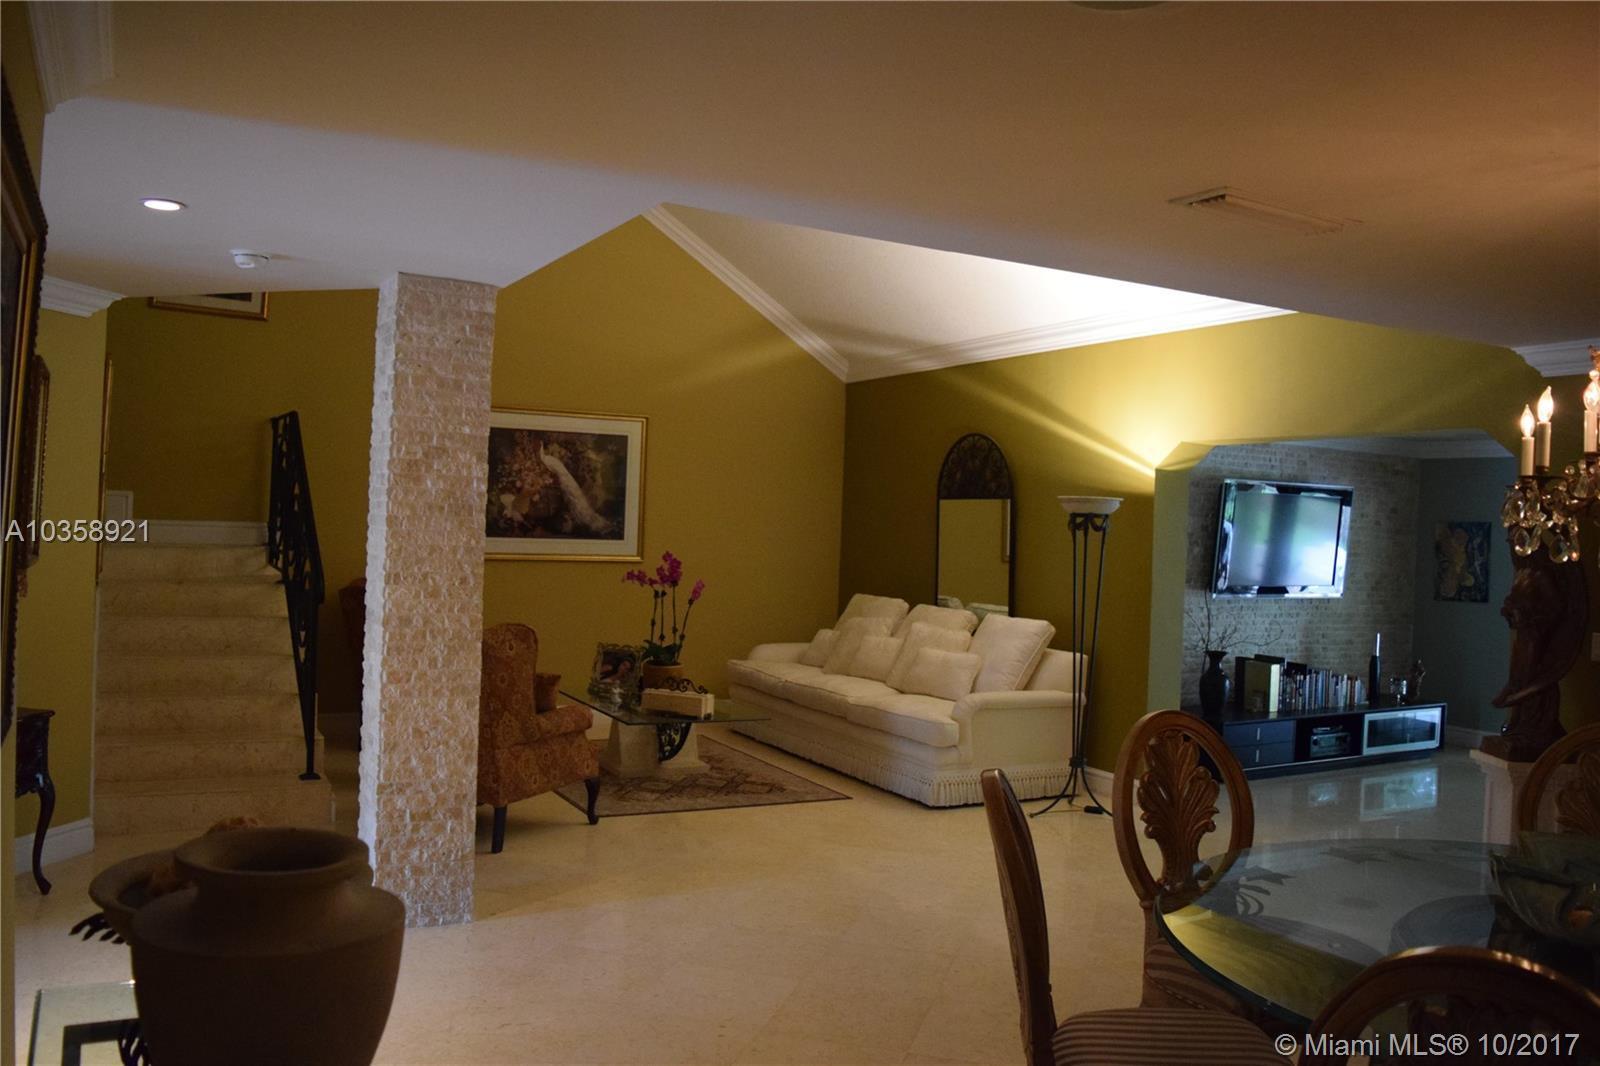 3642 Sw 57th Ave, Miami FL, 33155